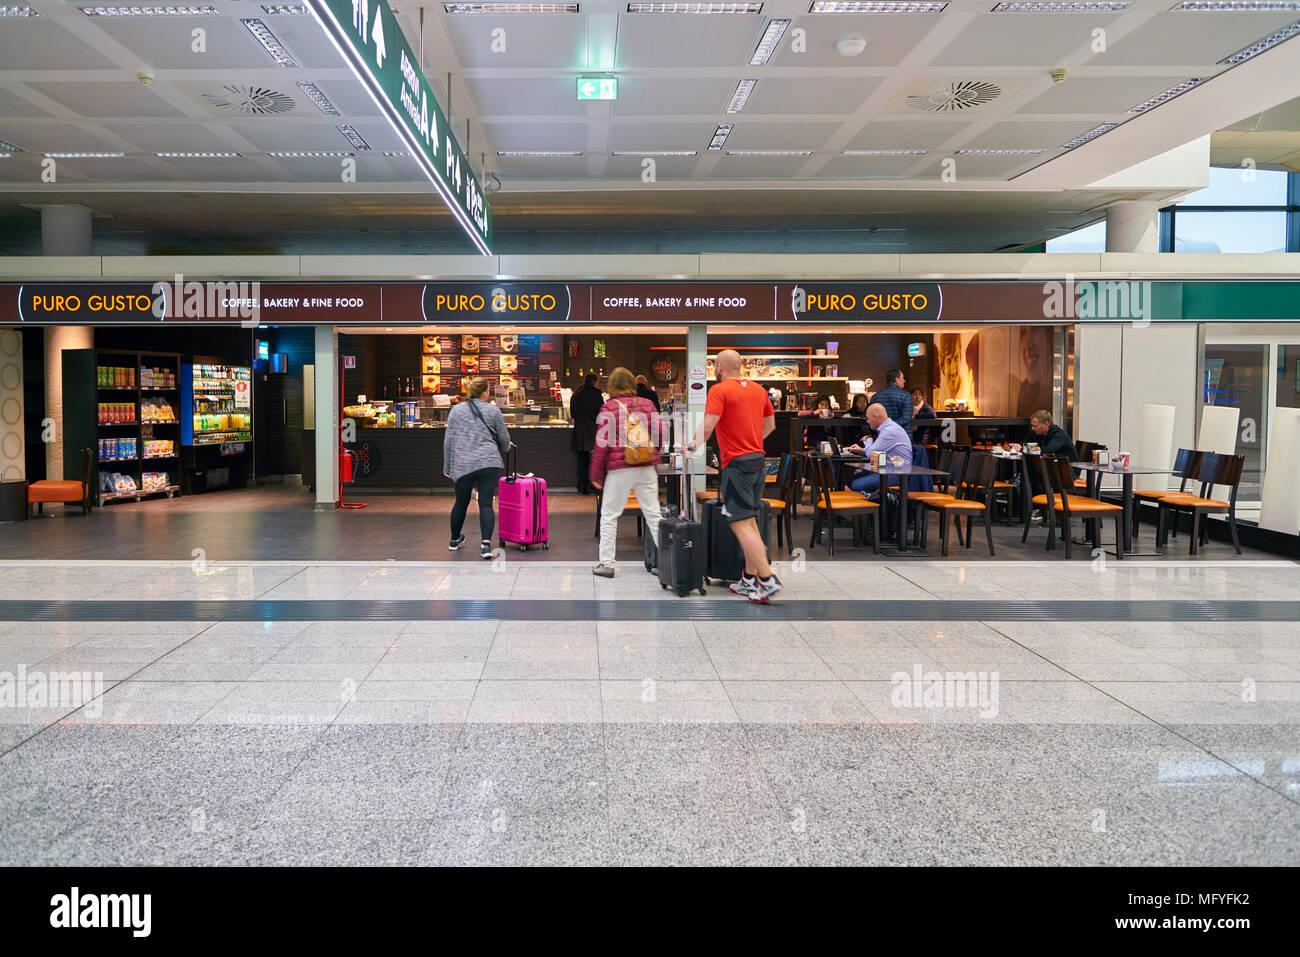 Aeroporto di MILANO MALPENSA, Italia - circa novembre, 2017: puro gusto all'aeroporto di Milano Malpensa. Immagini Stock